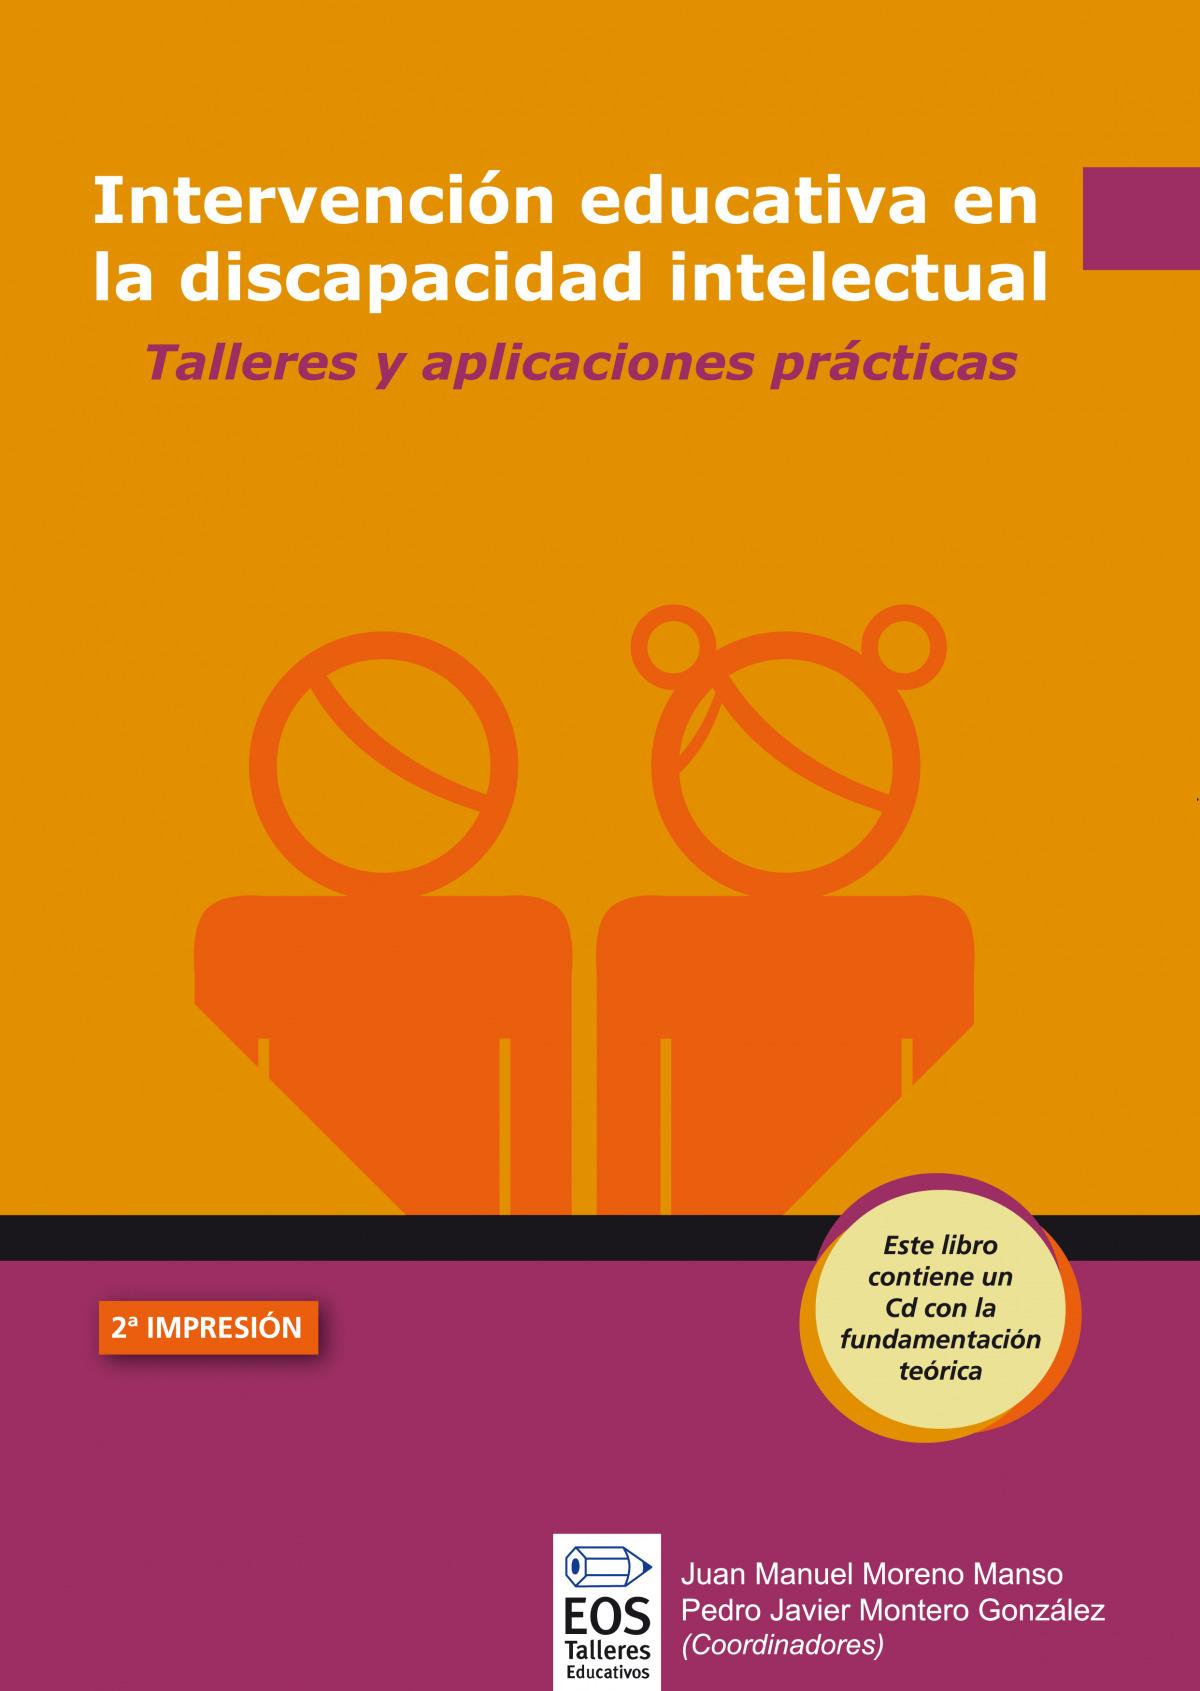 INTERVENCION EDUCATIVA EN LA DISCAPACIDAD INTELECTUAL